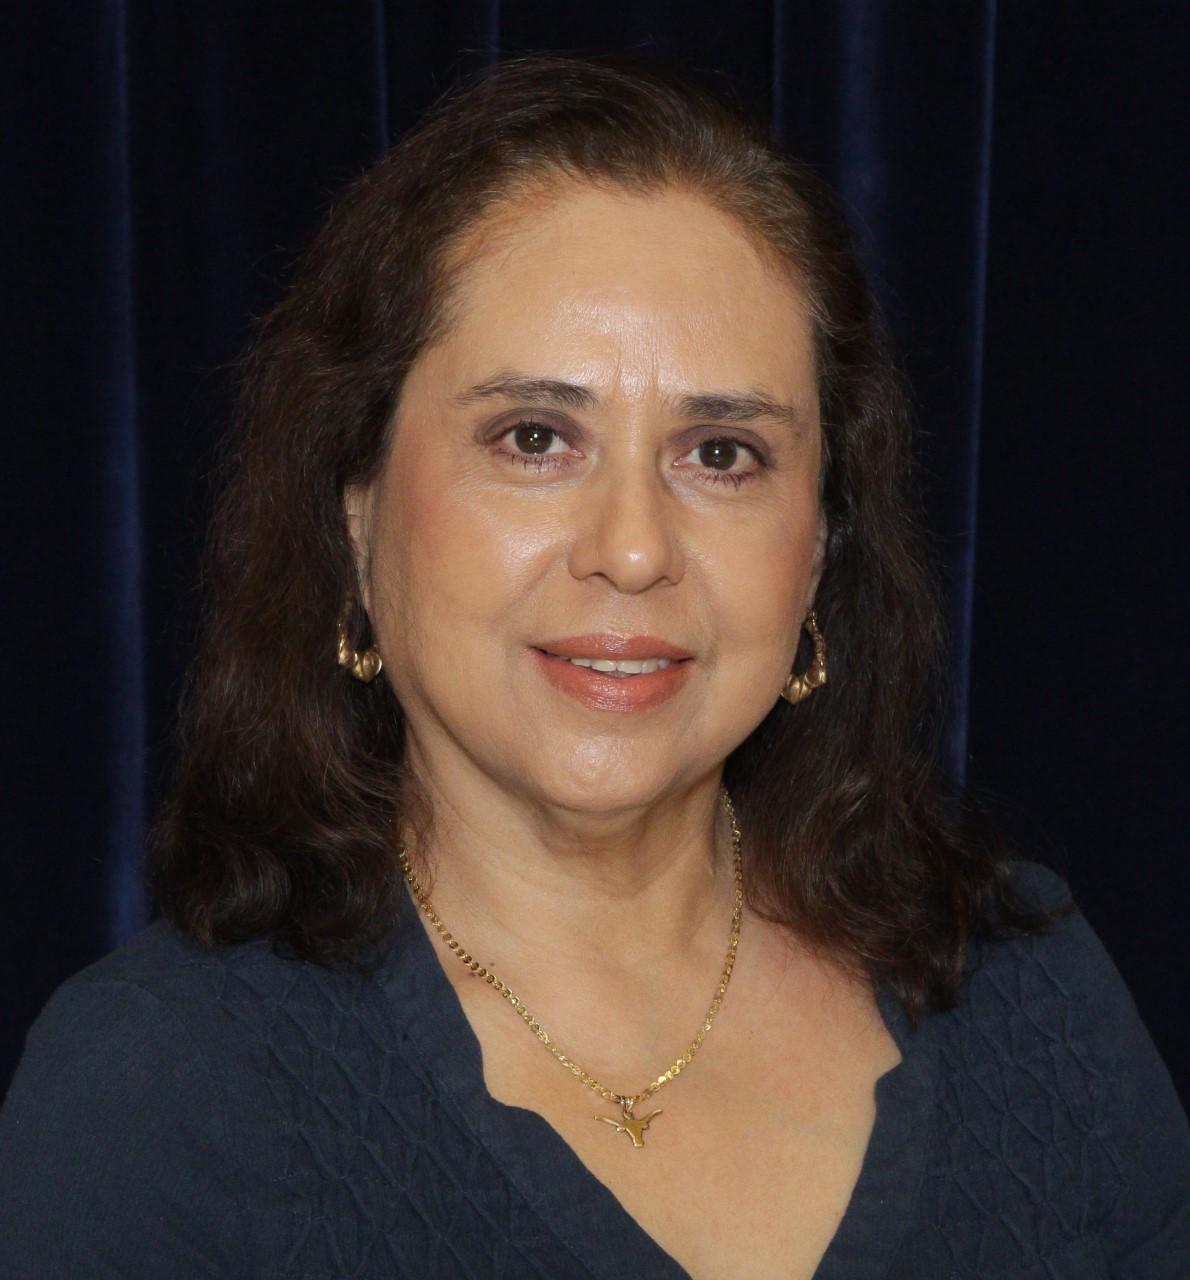 Principal Vallejo